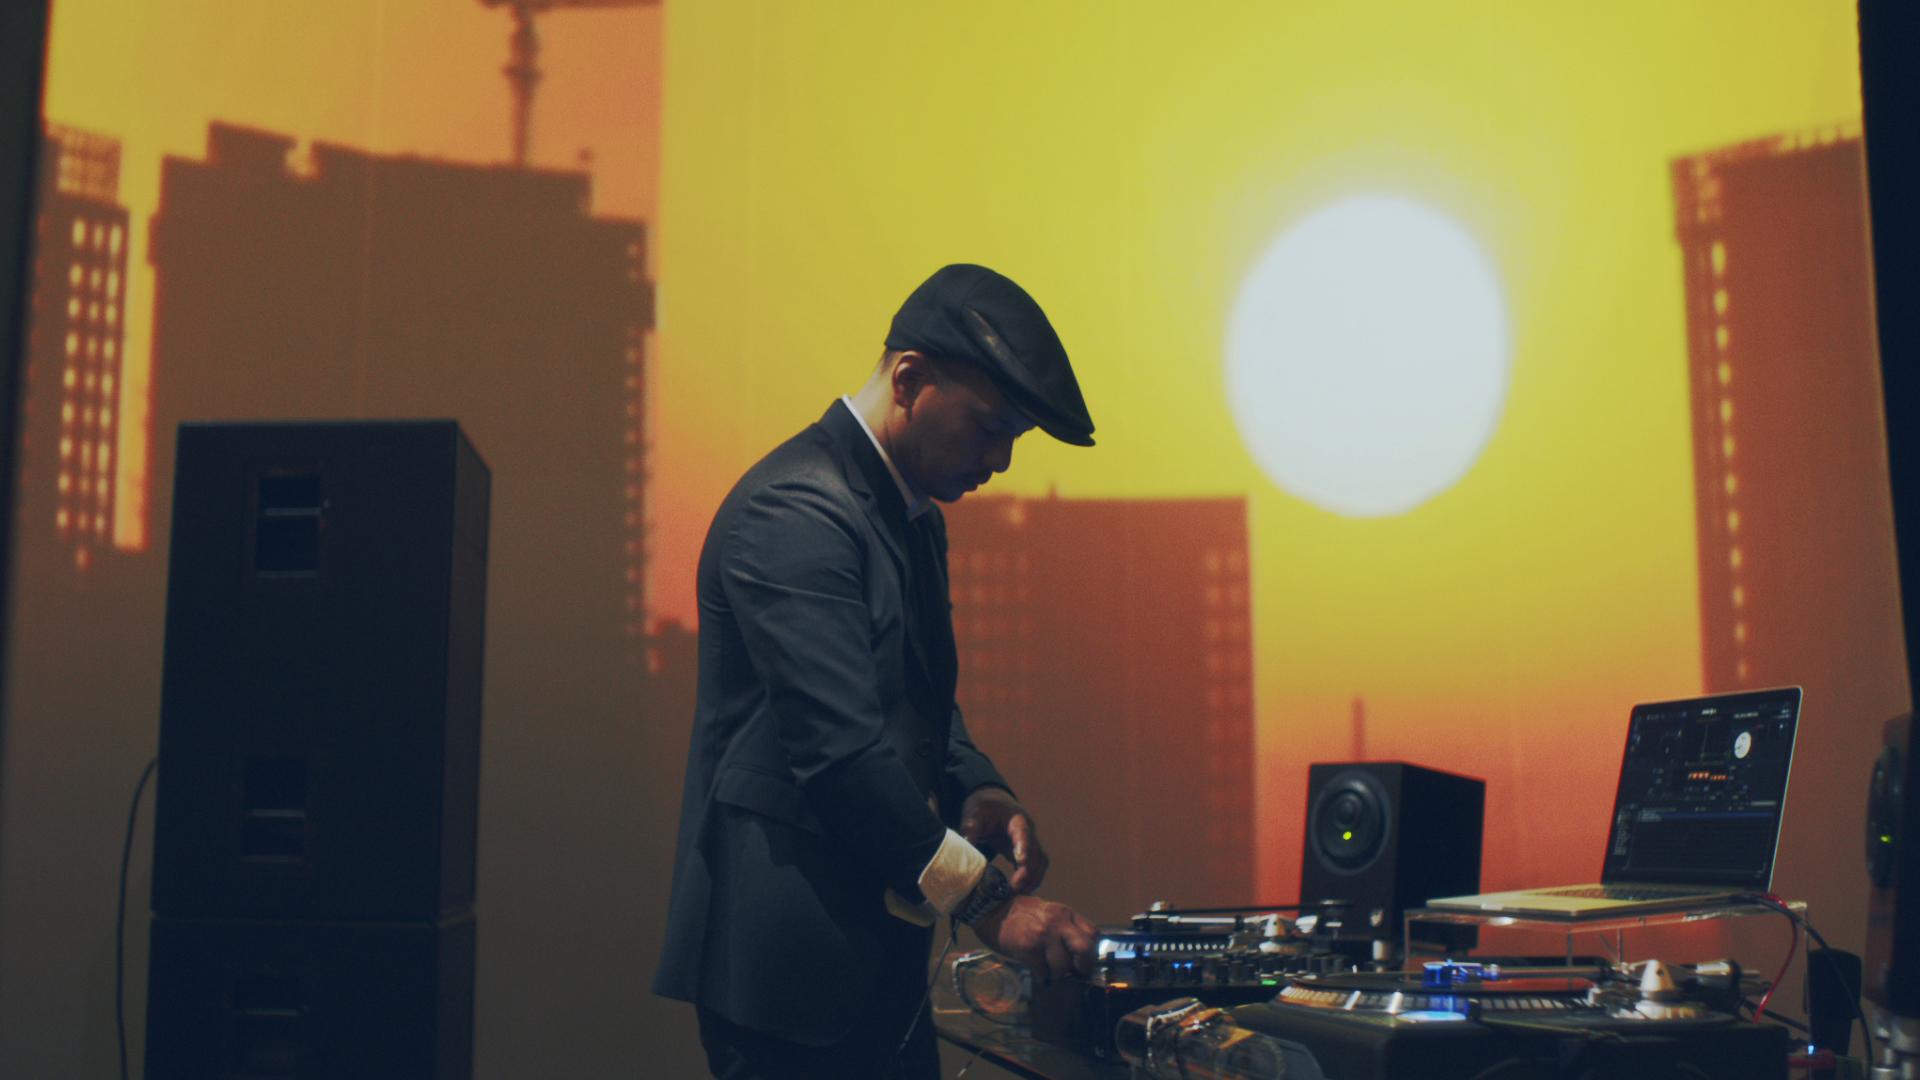 人気DJ、DJ MITSU THE BEATSが本物の腕時計でDJプレイに挑戦してみた